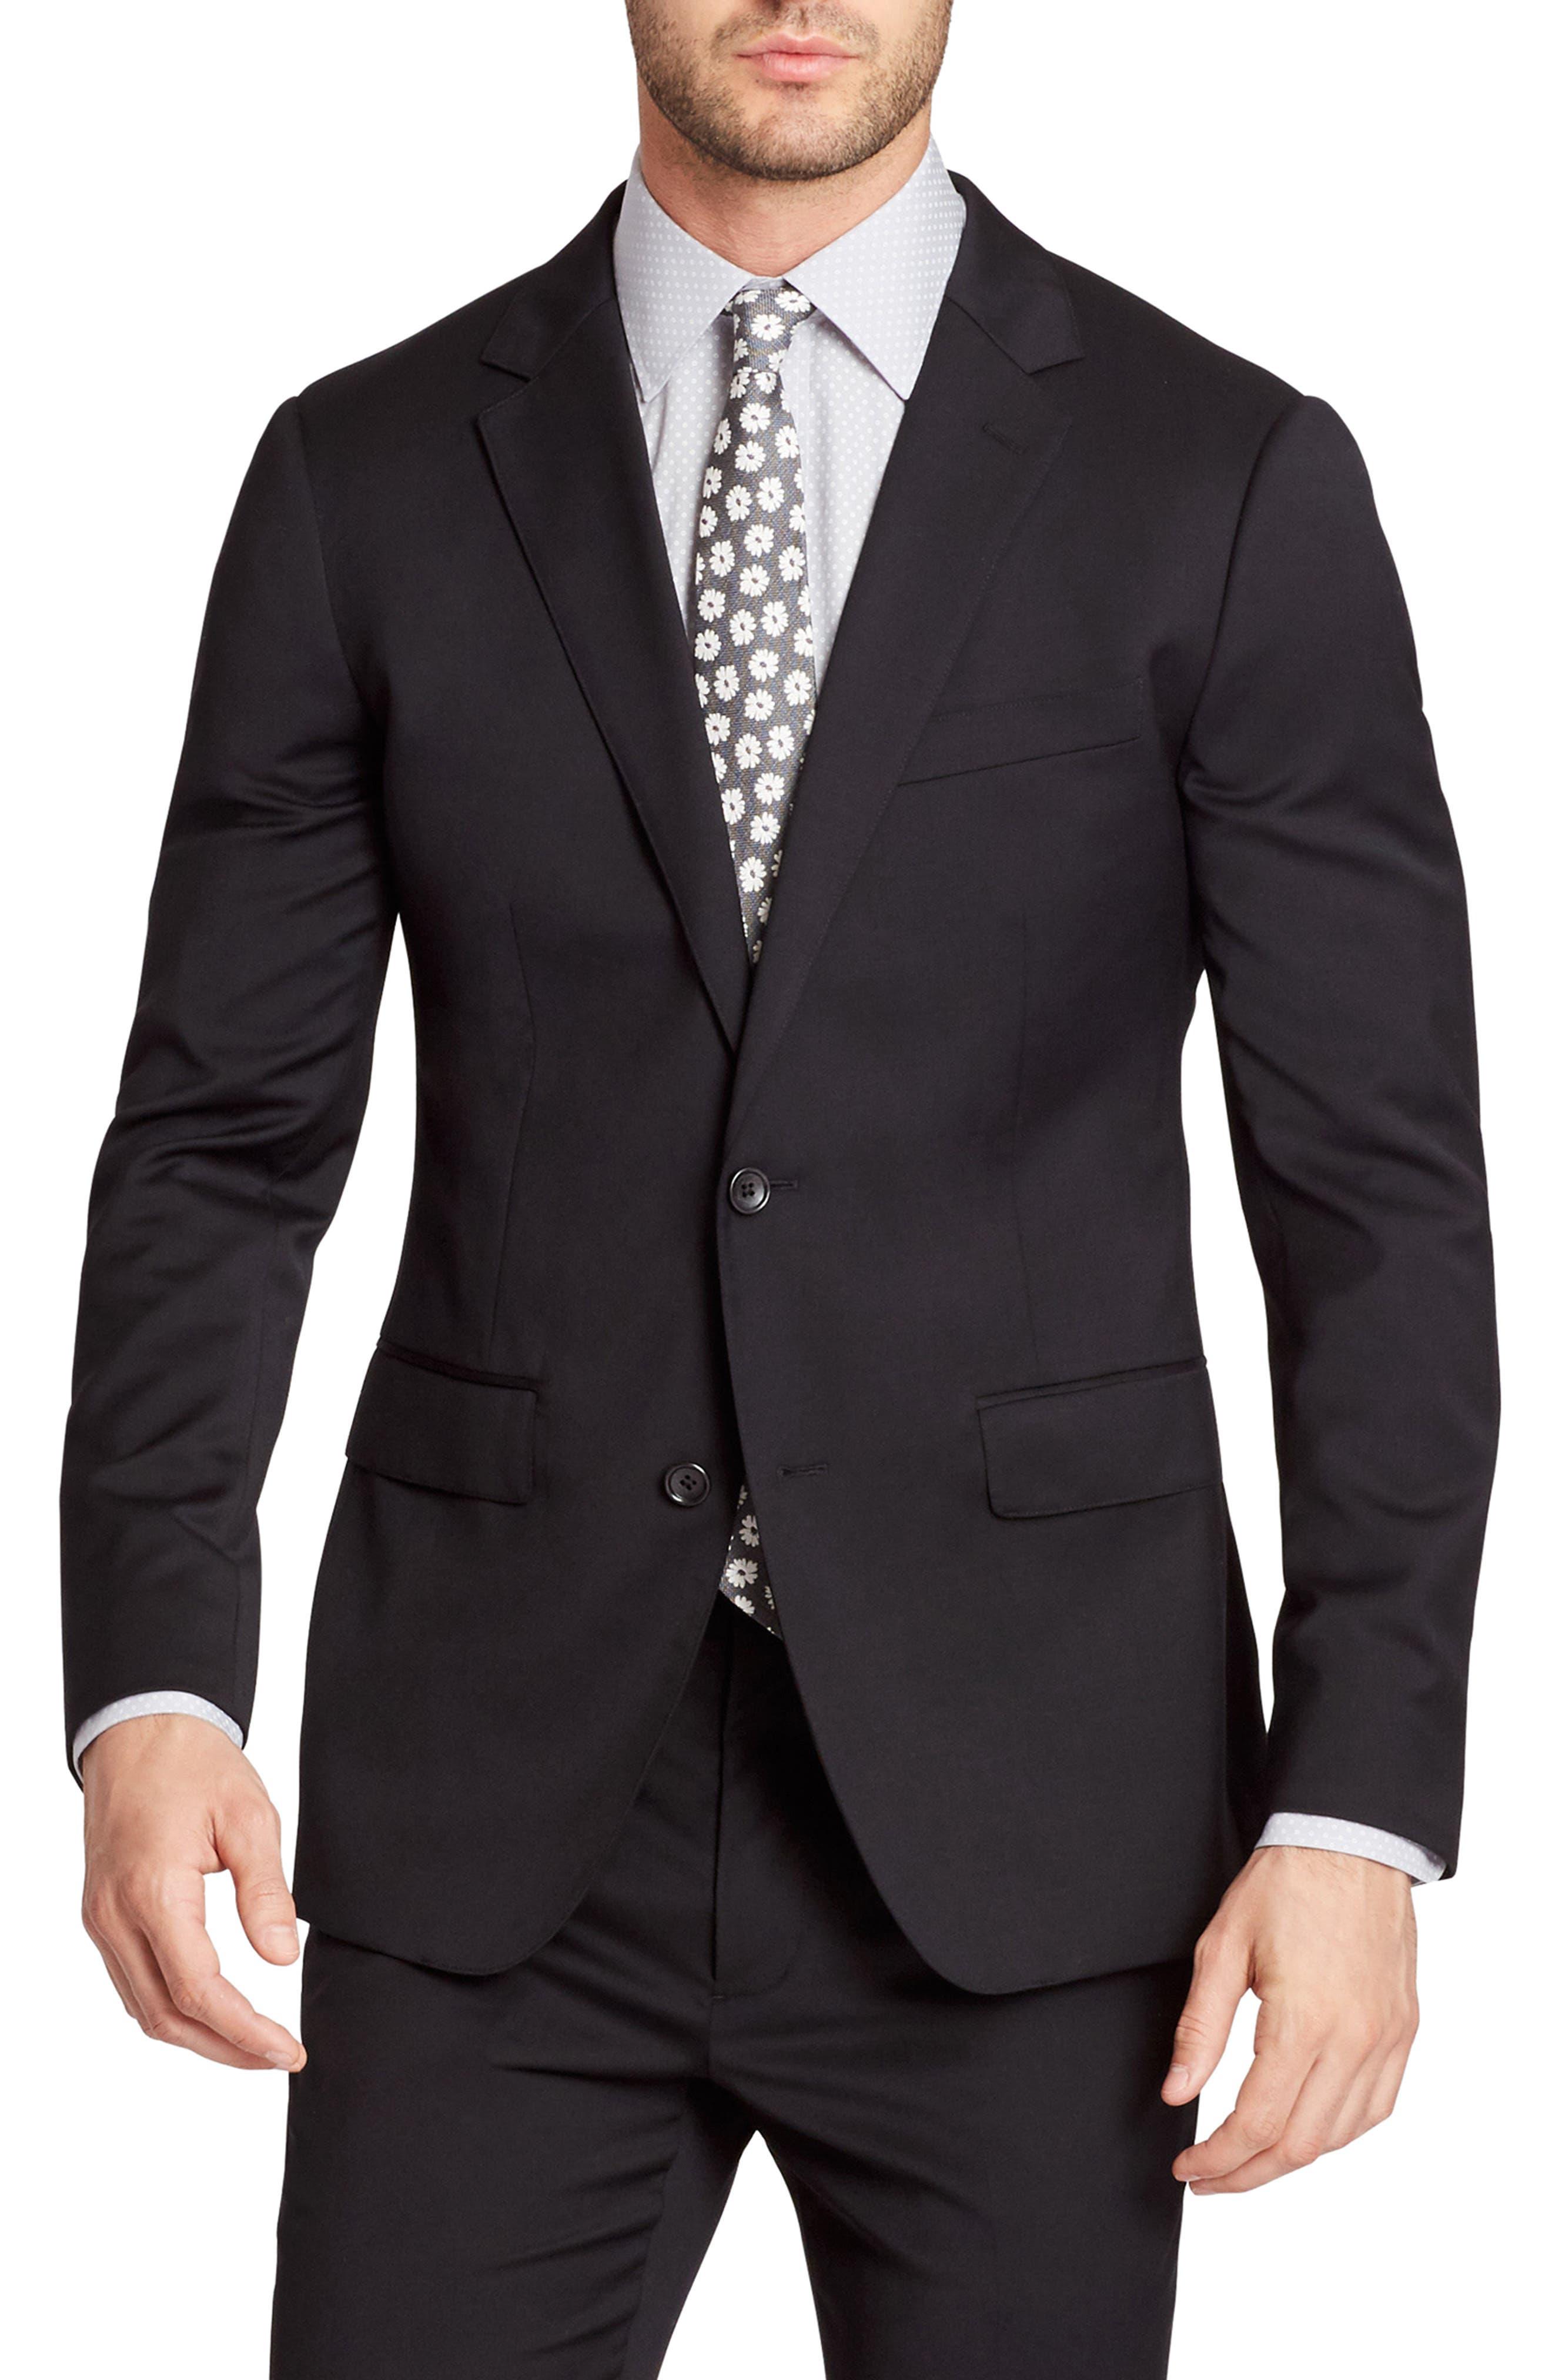 Jetsetter Trim Fit Stretch Wool Suit Jacket,                         Main,                         color, Black